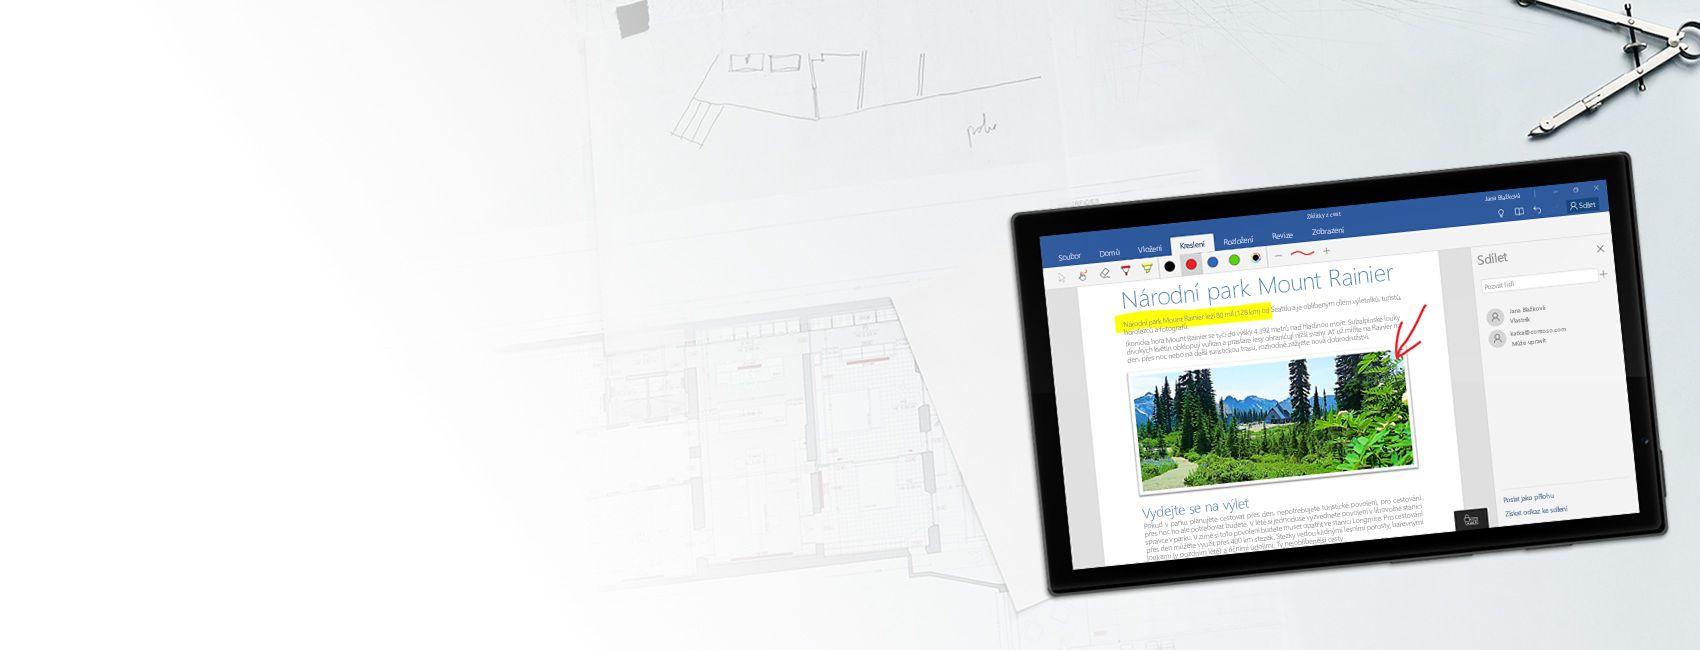 Tablet s Windows zobrazující wordový dokument o národním parku Mount Rainier ve Wordu pro Windows 10 Mobile